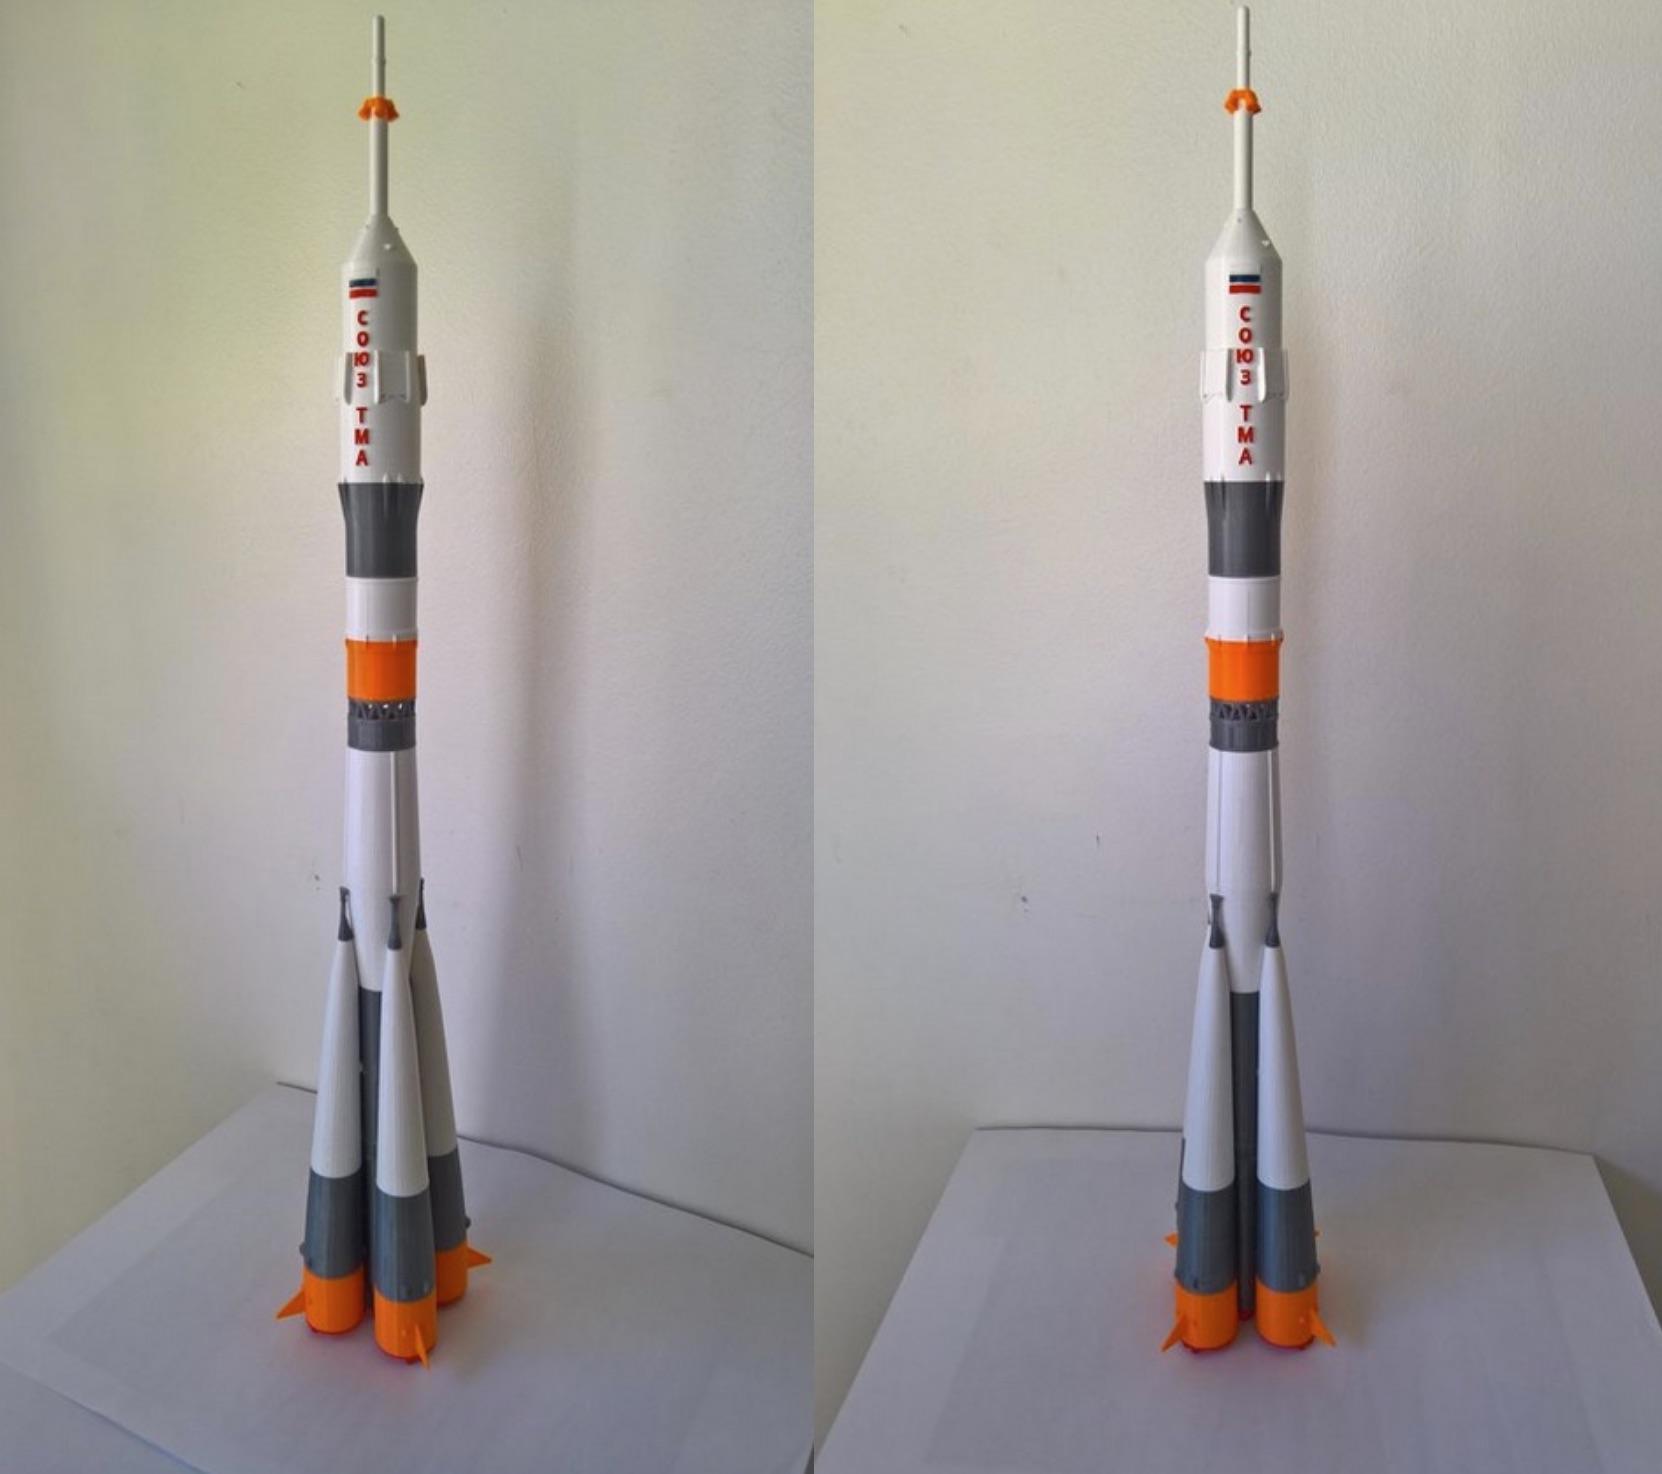 A 3D Printed Soyuz FG Rocket Kit For The